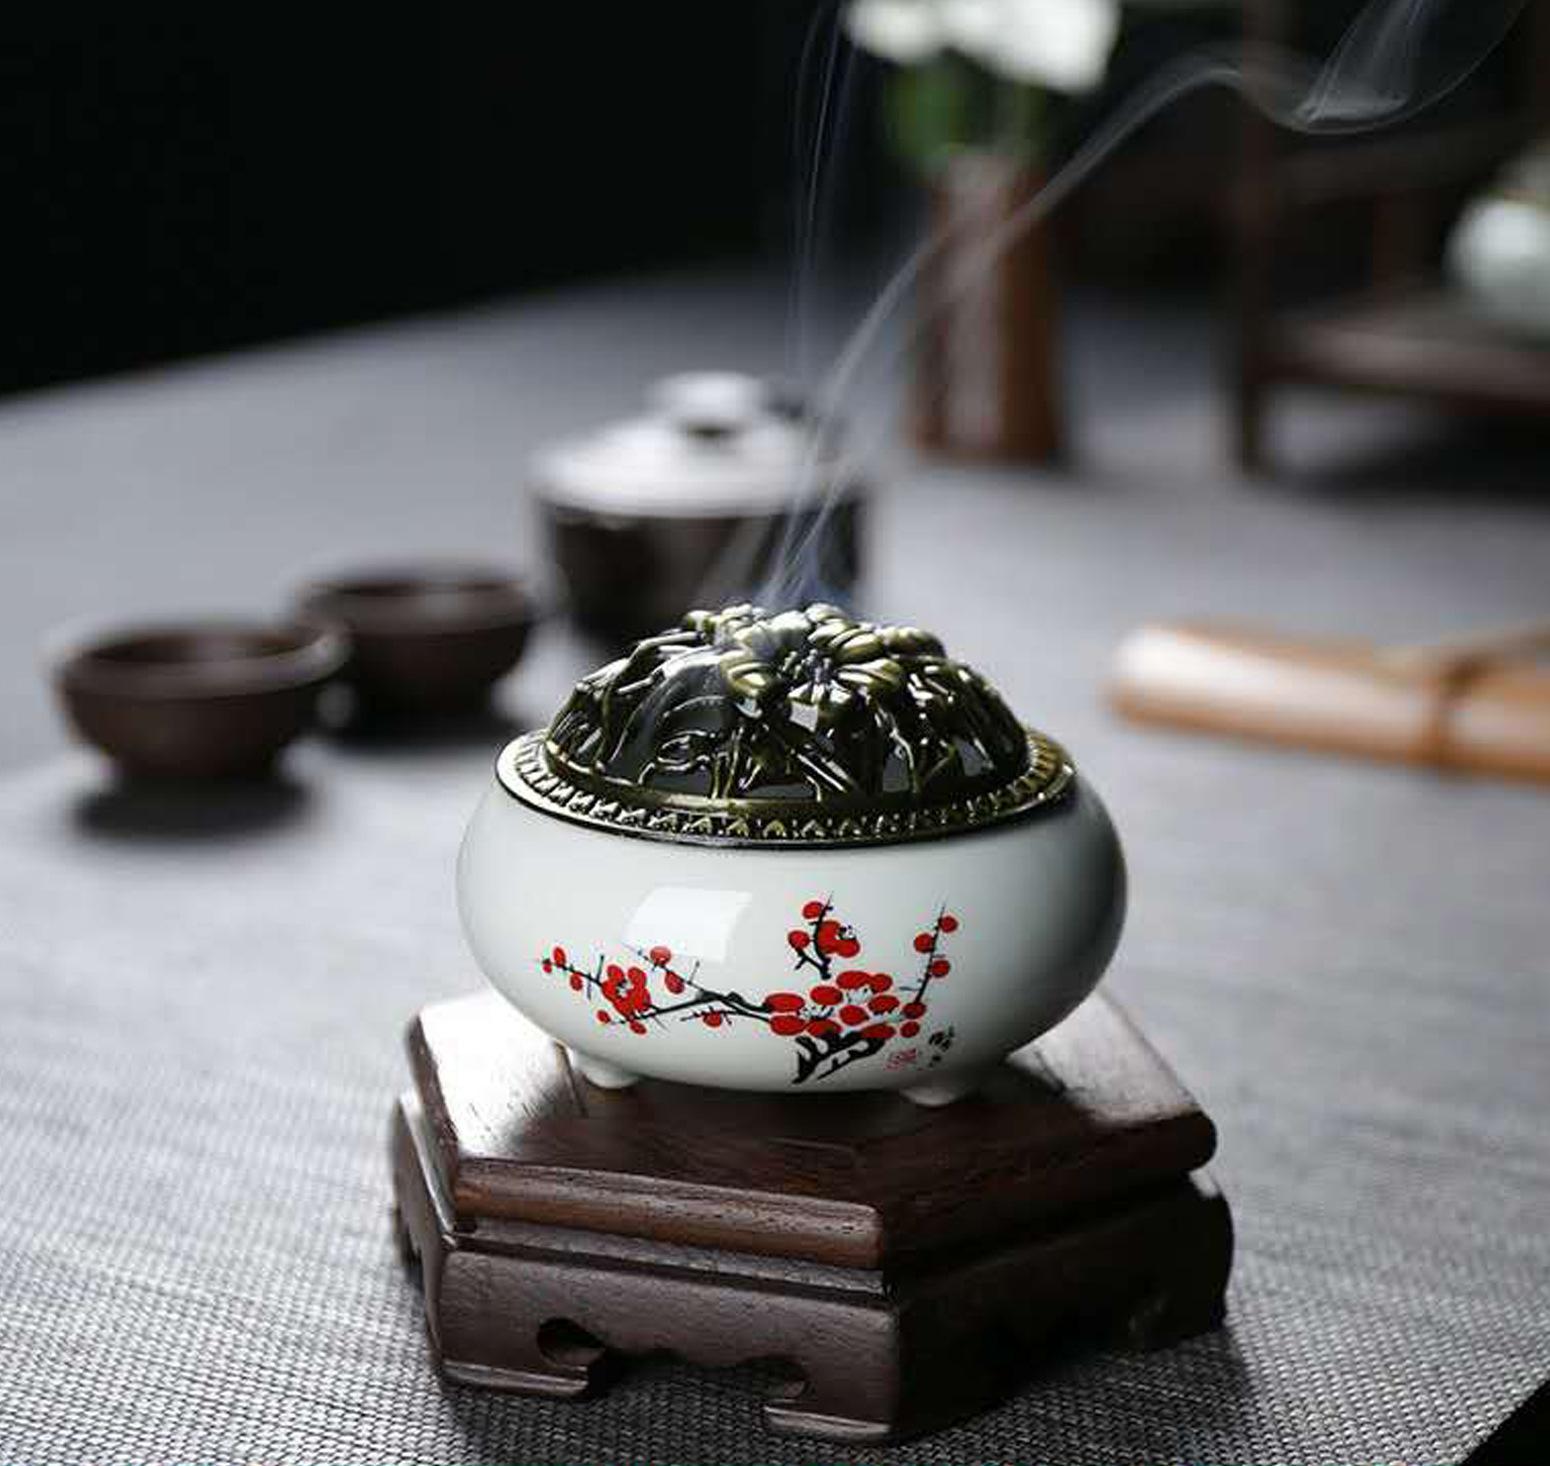 ZHENYIXIANG Lư hương Celadon hương đốt retro gốm gia đình món ăn hương gỗ đàn hương lò gốm ngang dòn